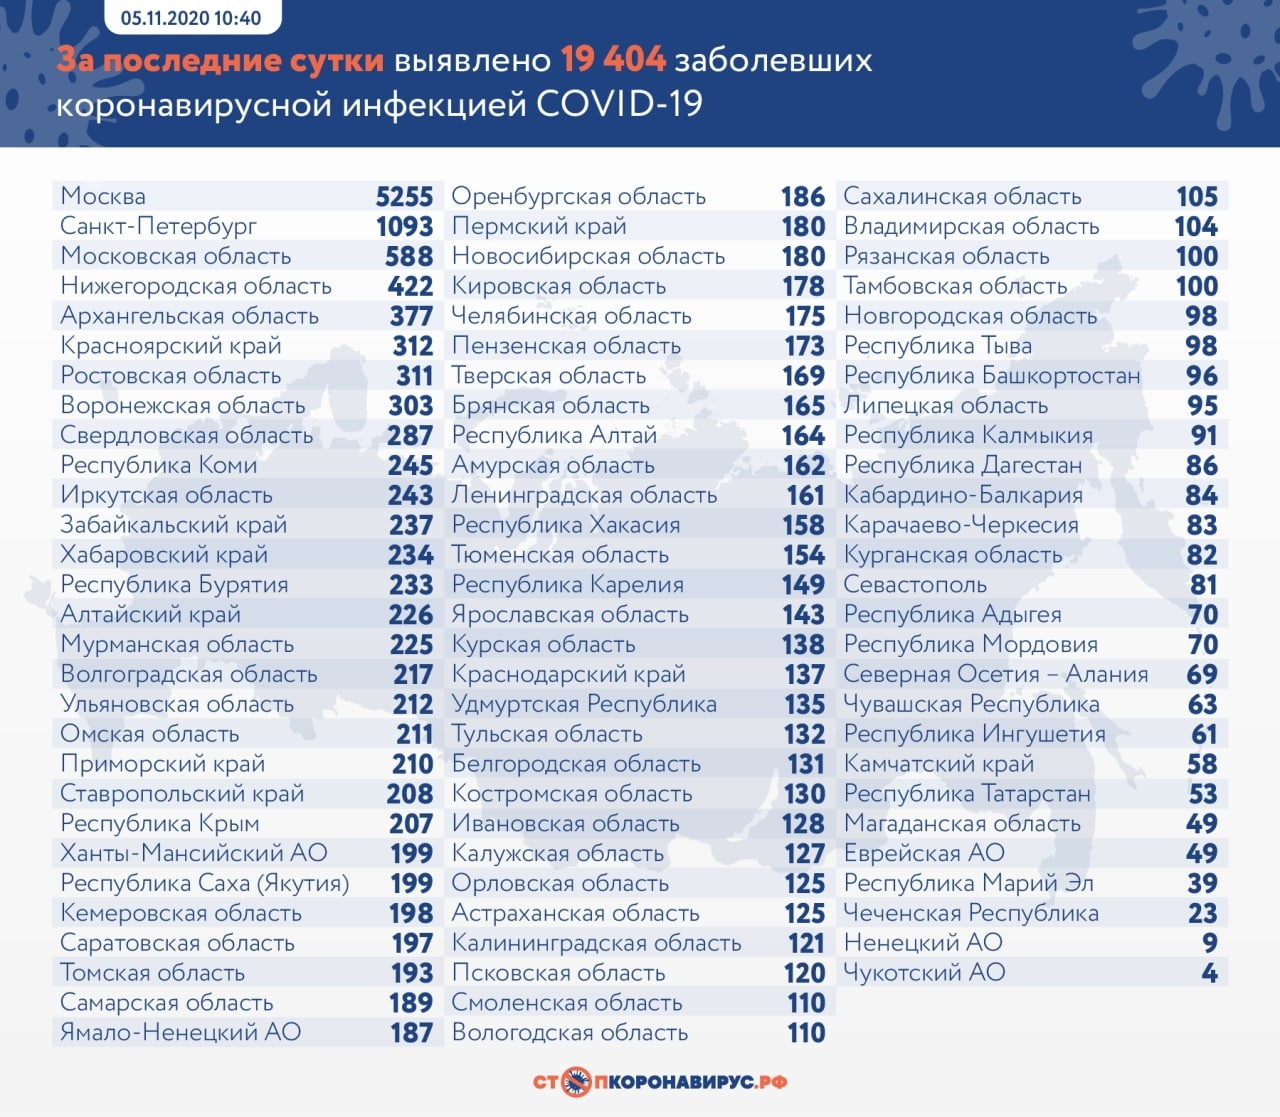 Новые случаи коронавируса выявлены в 19 городах и районах Самарской области